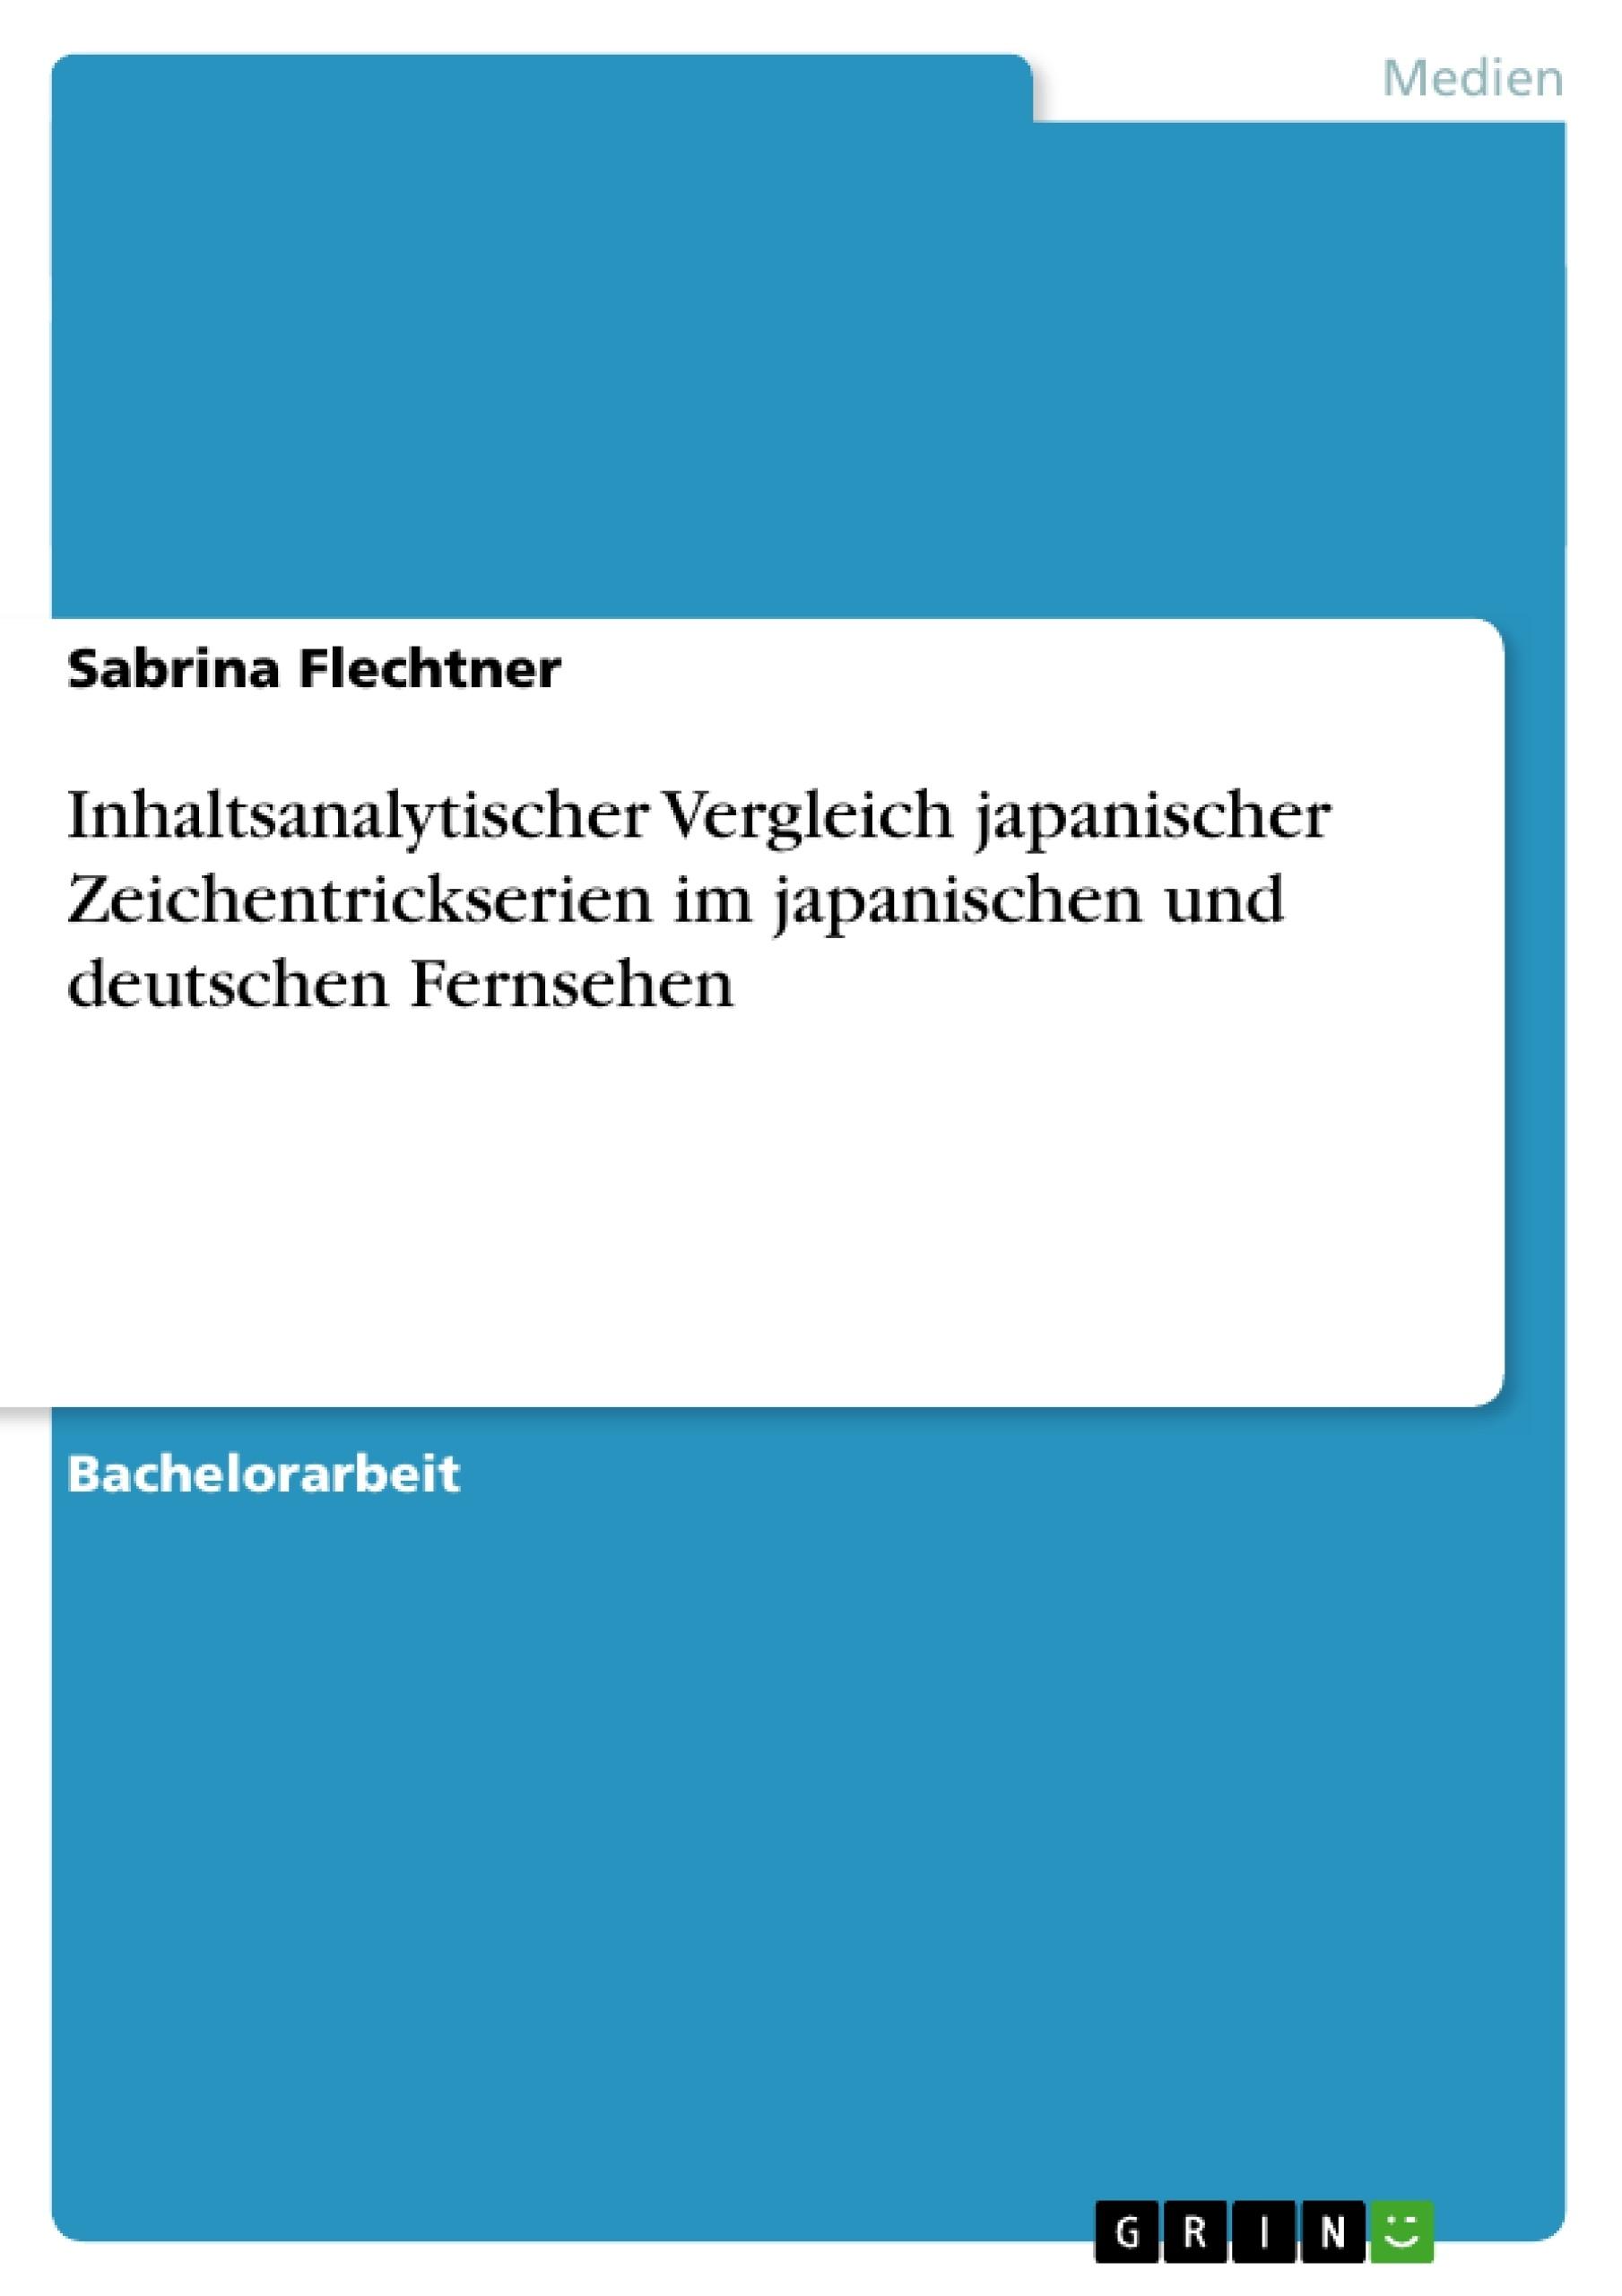 Titel: Inhaltsanalytischer Vergleich japanischer Zeichentrickserien im japanischen und deutschen Fernsehen